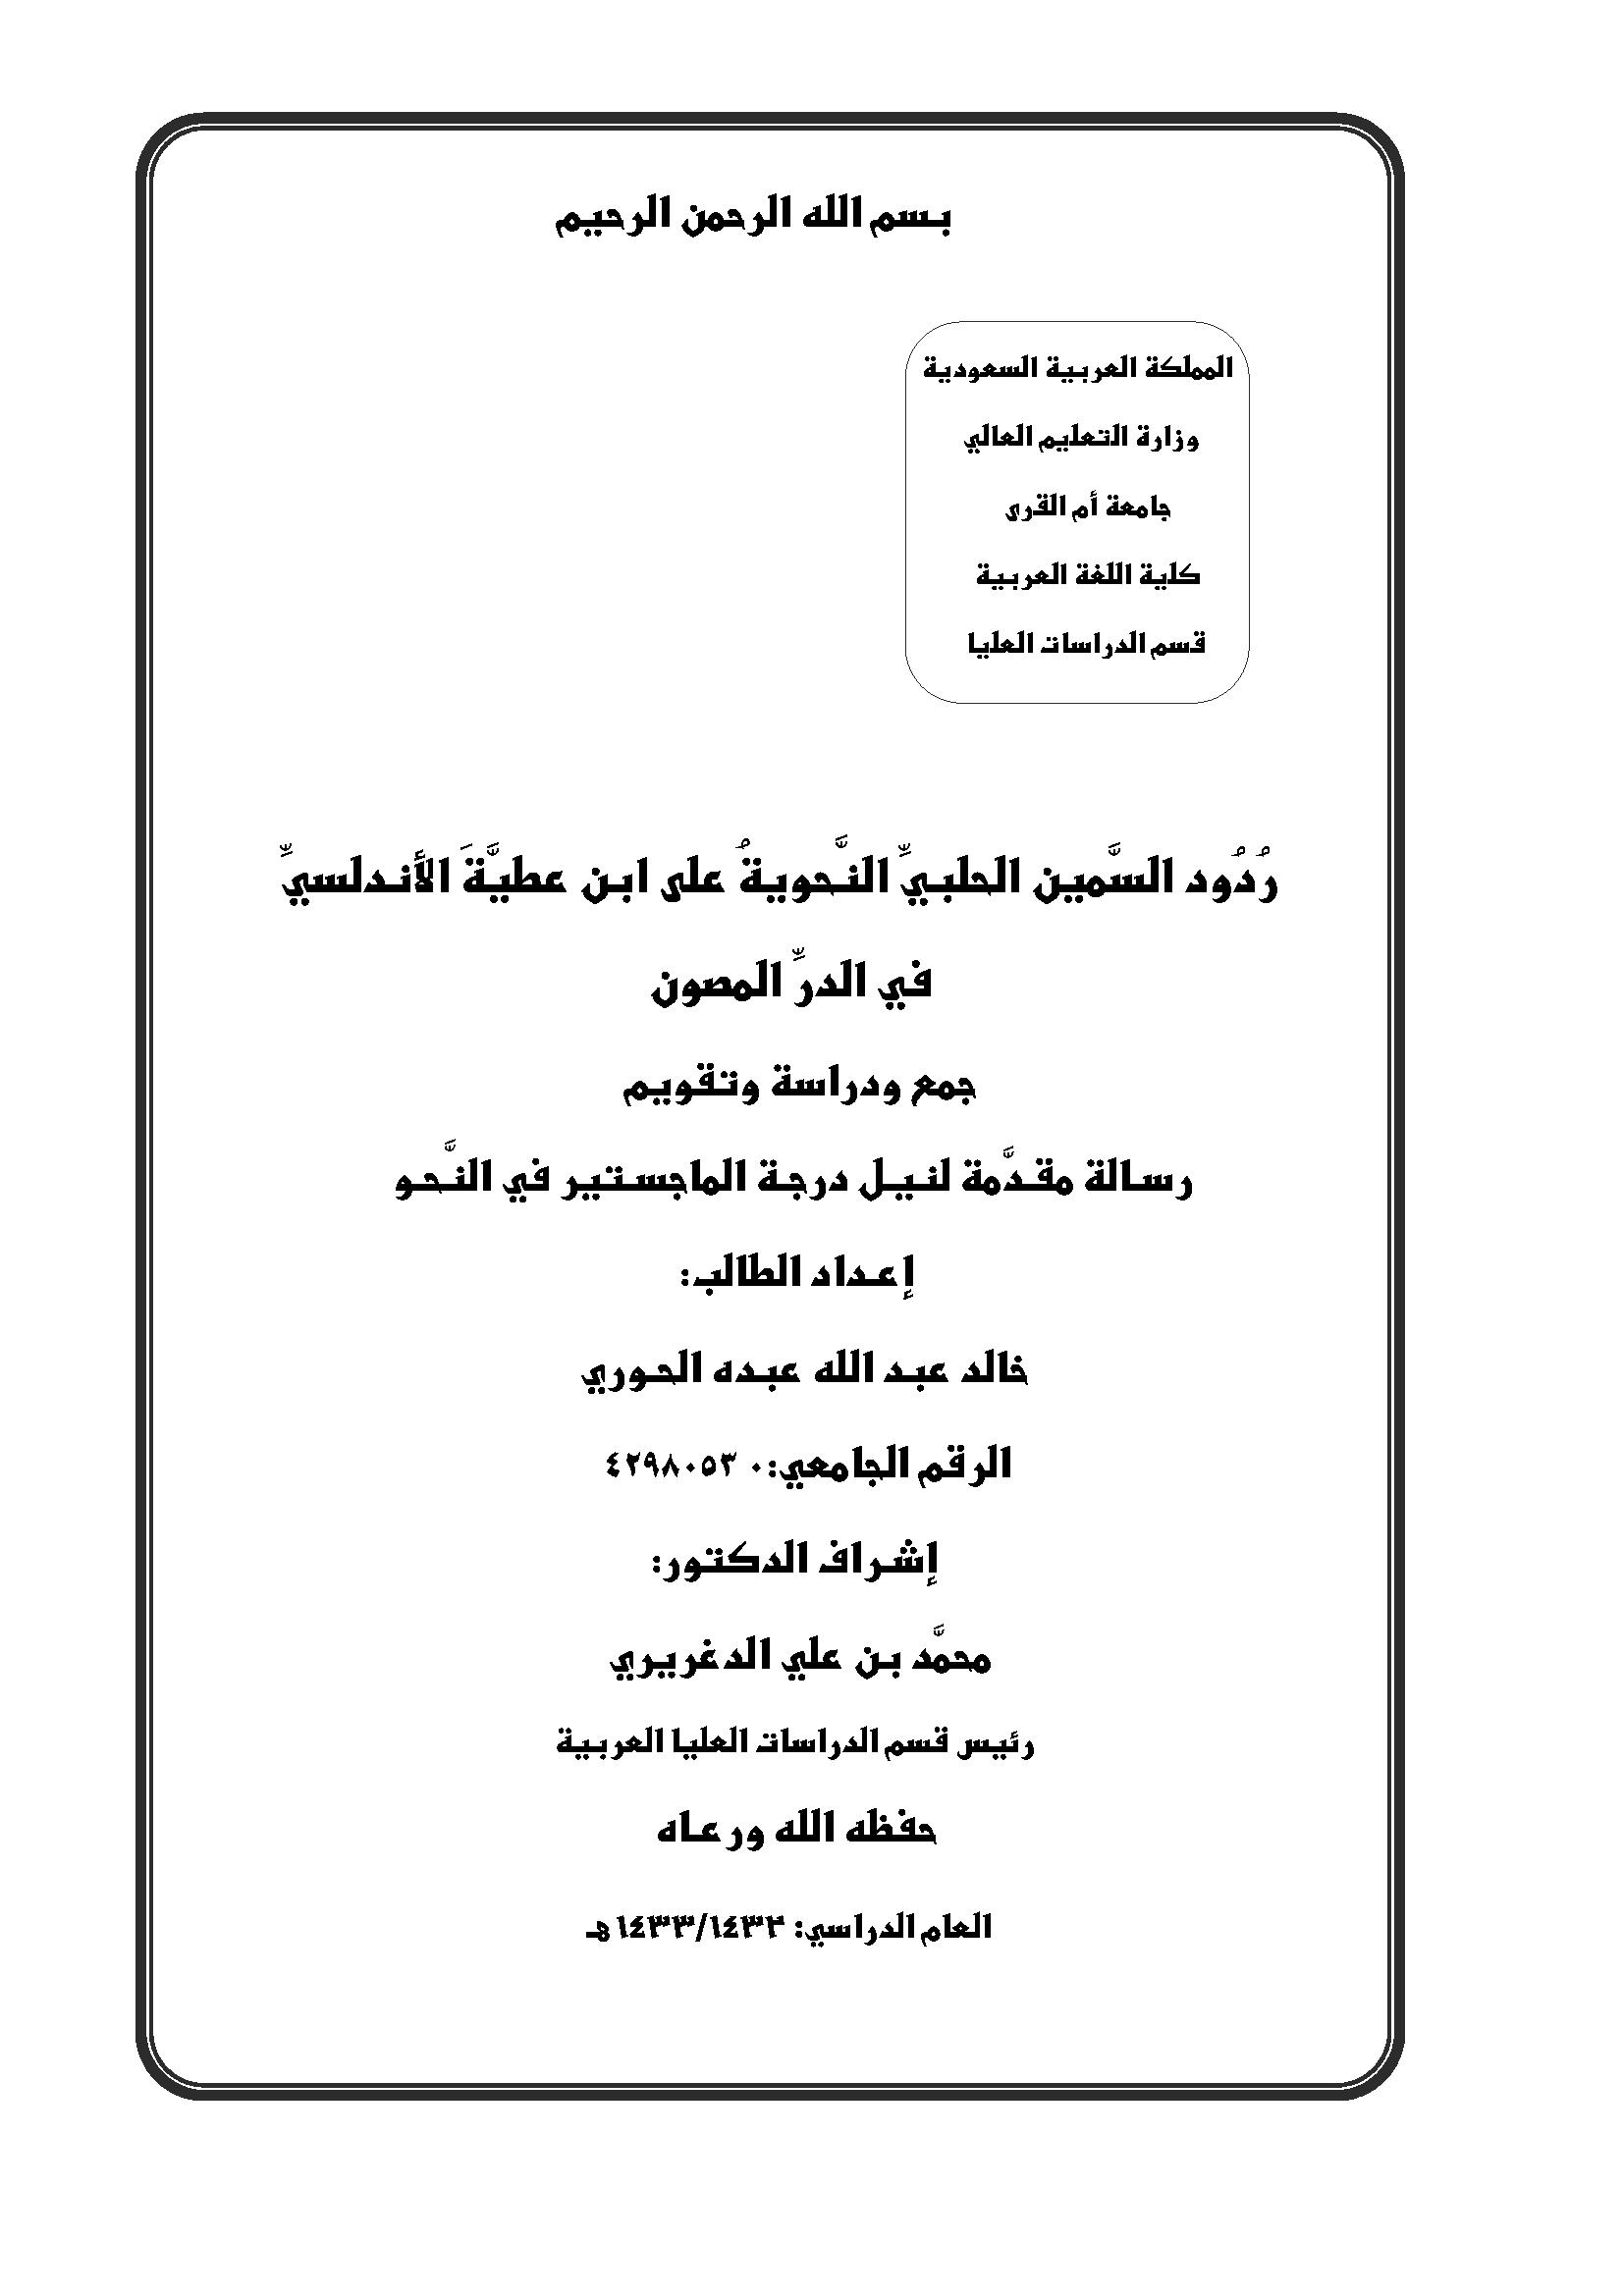 تحميل كتاب ردود السمين الحلبي النحوية على ابن عطية الأندلسي في «الدر المصون» (جمع ودراسة وتقويم) لـِ: خالد عبد الله عبده الحوري